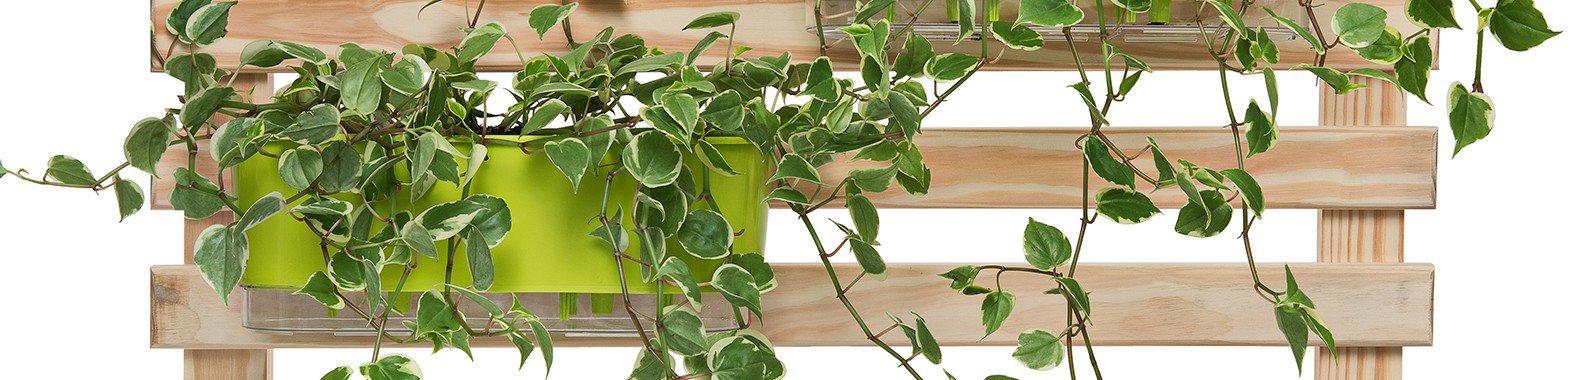 jardineira 40 cm raiz trelica verde